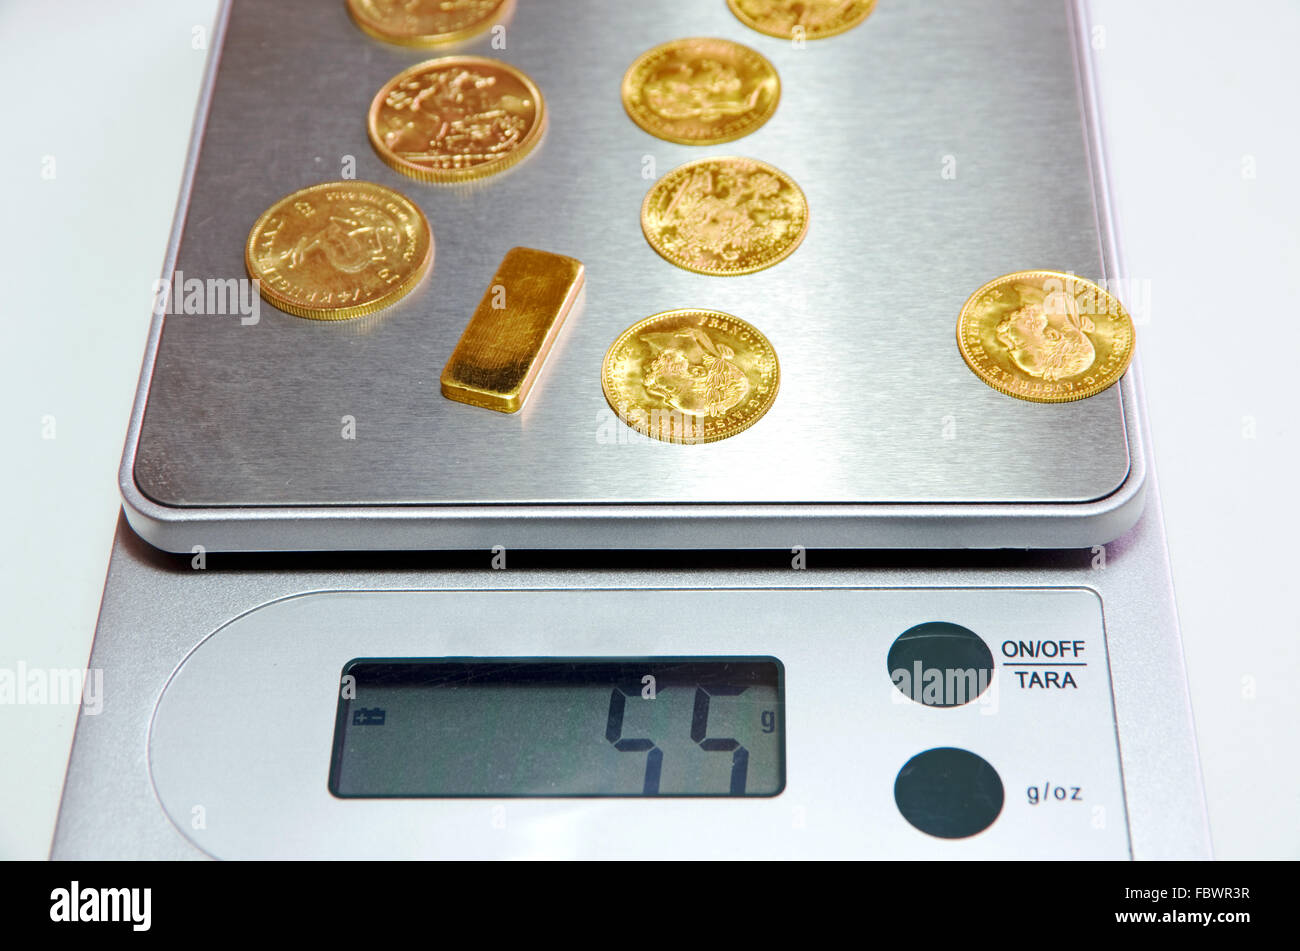 Goldbarren skaliert Stockbild